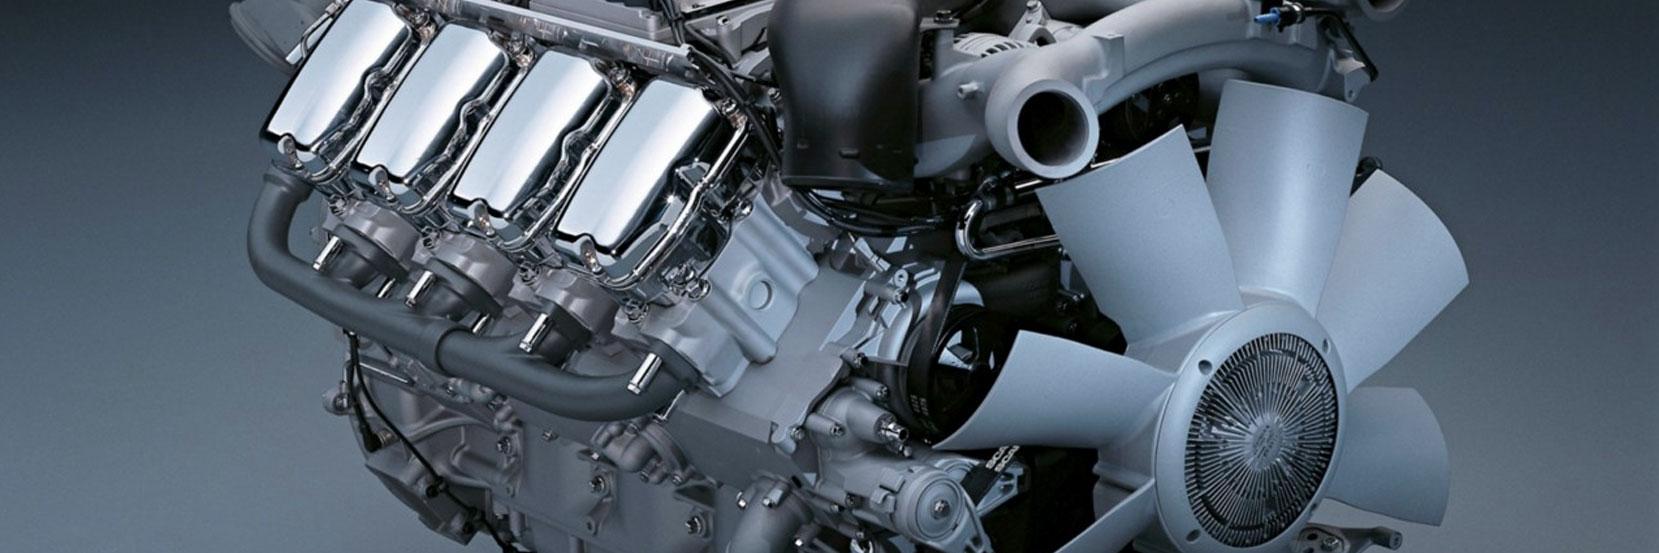 Классификация по API дизельных двигателей